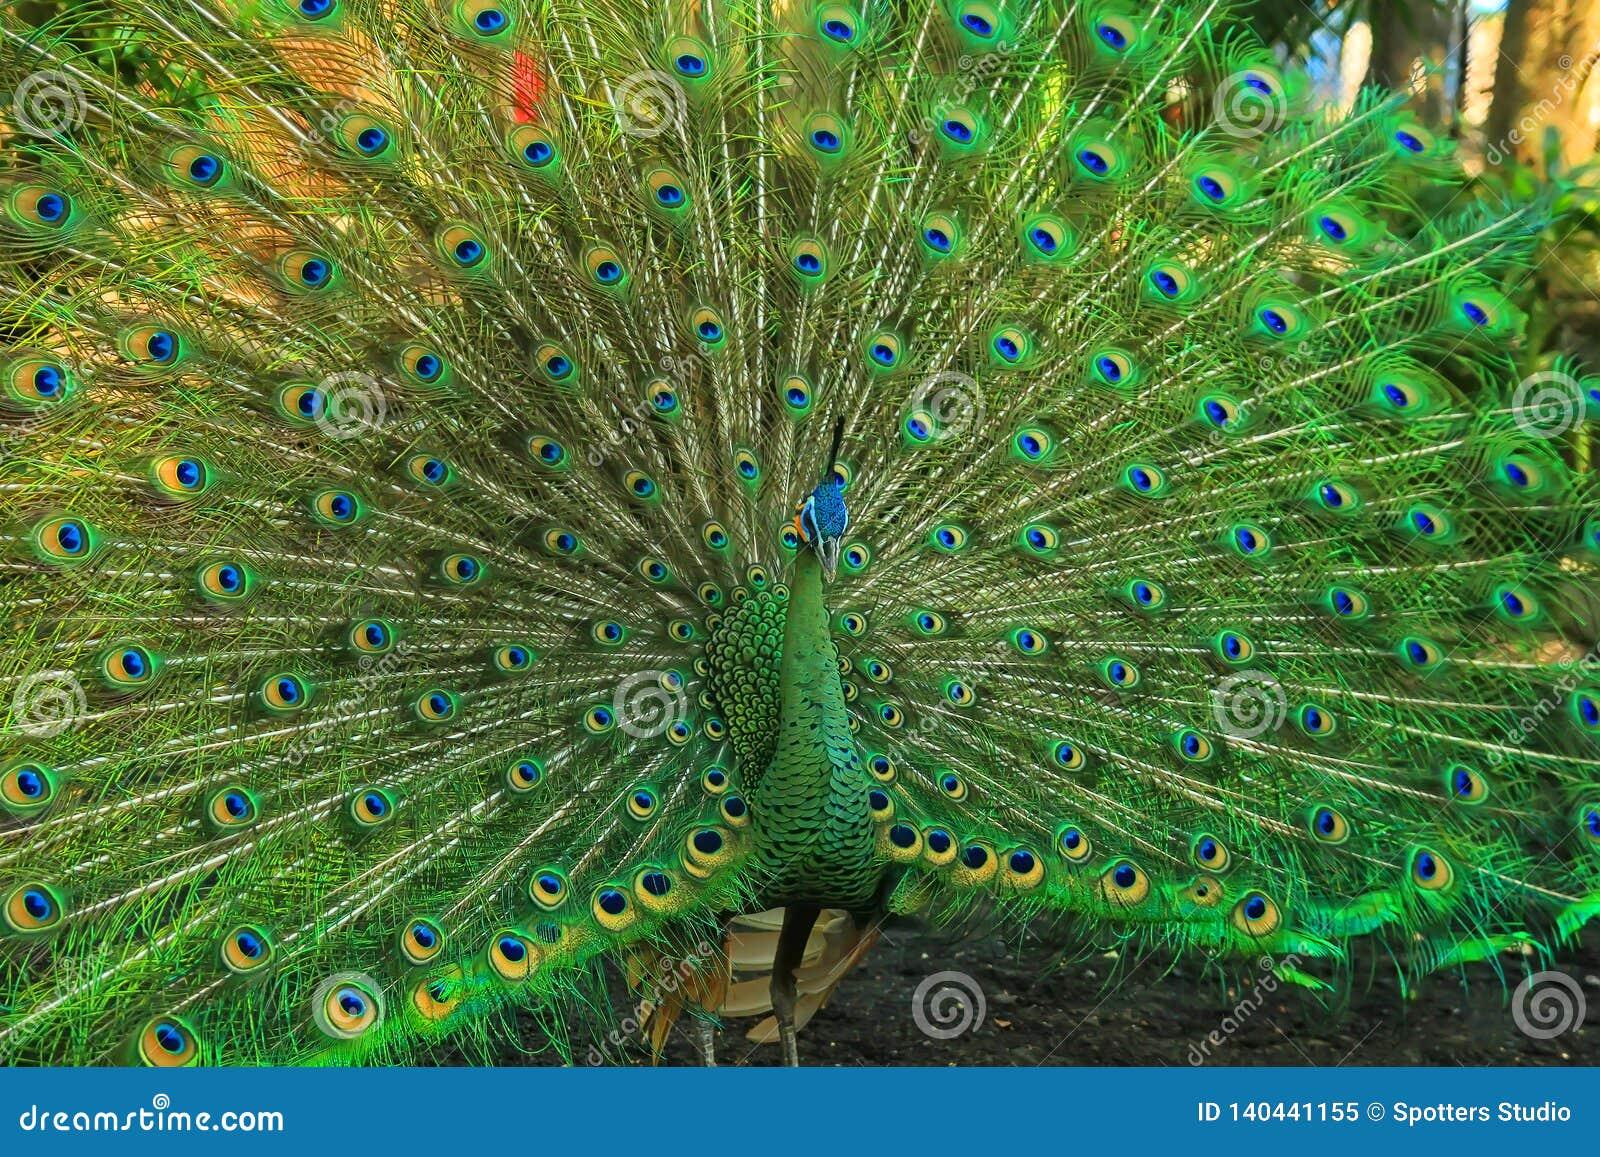 Groene pauw met een mooie staart